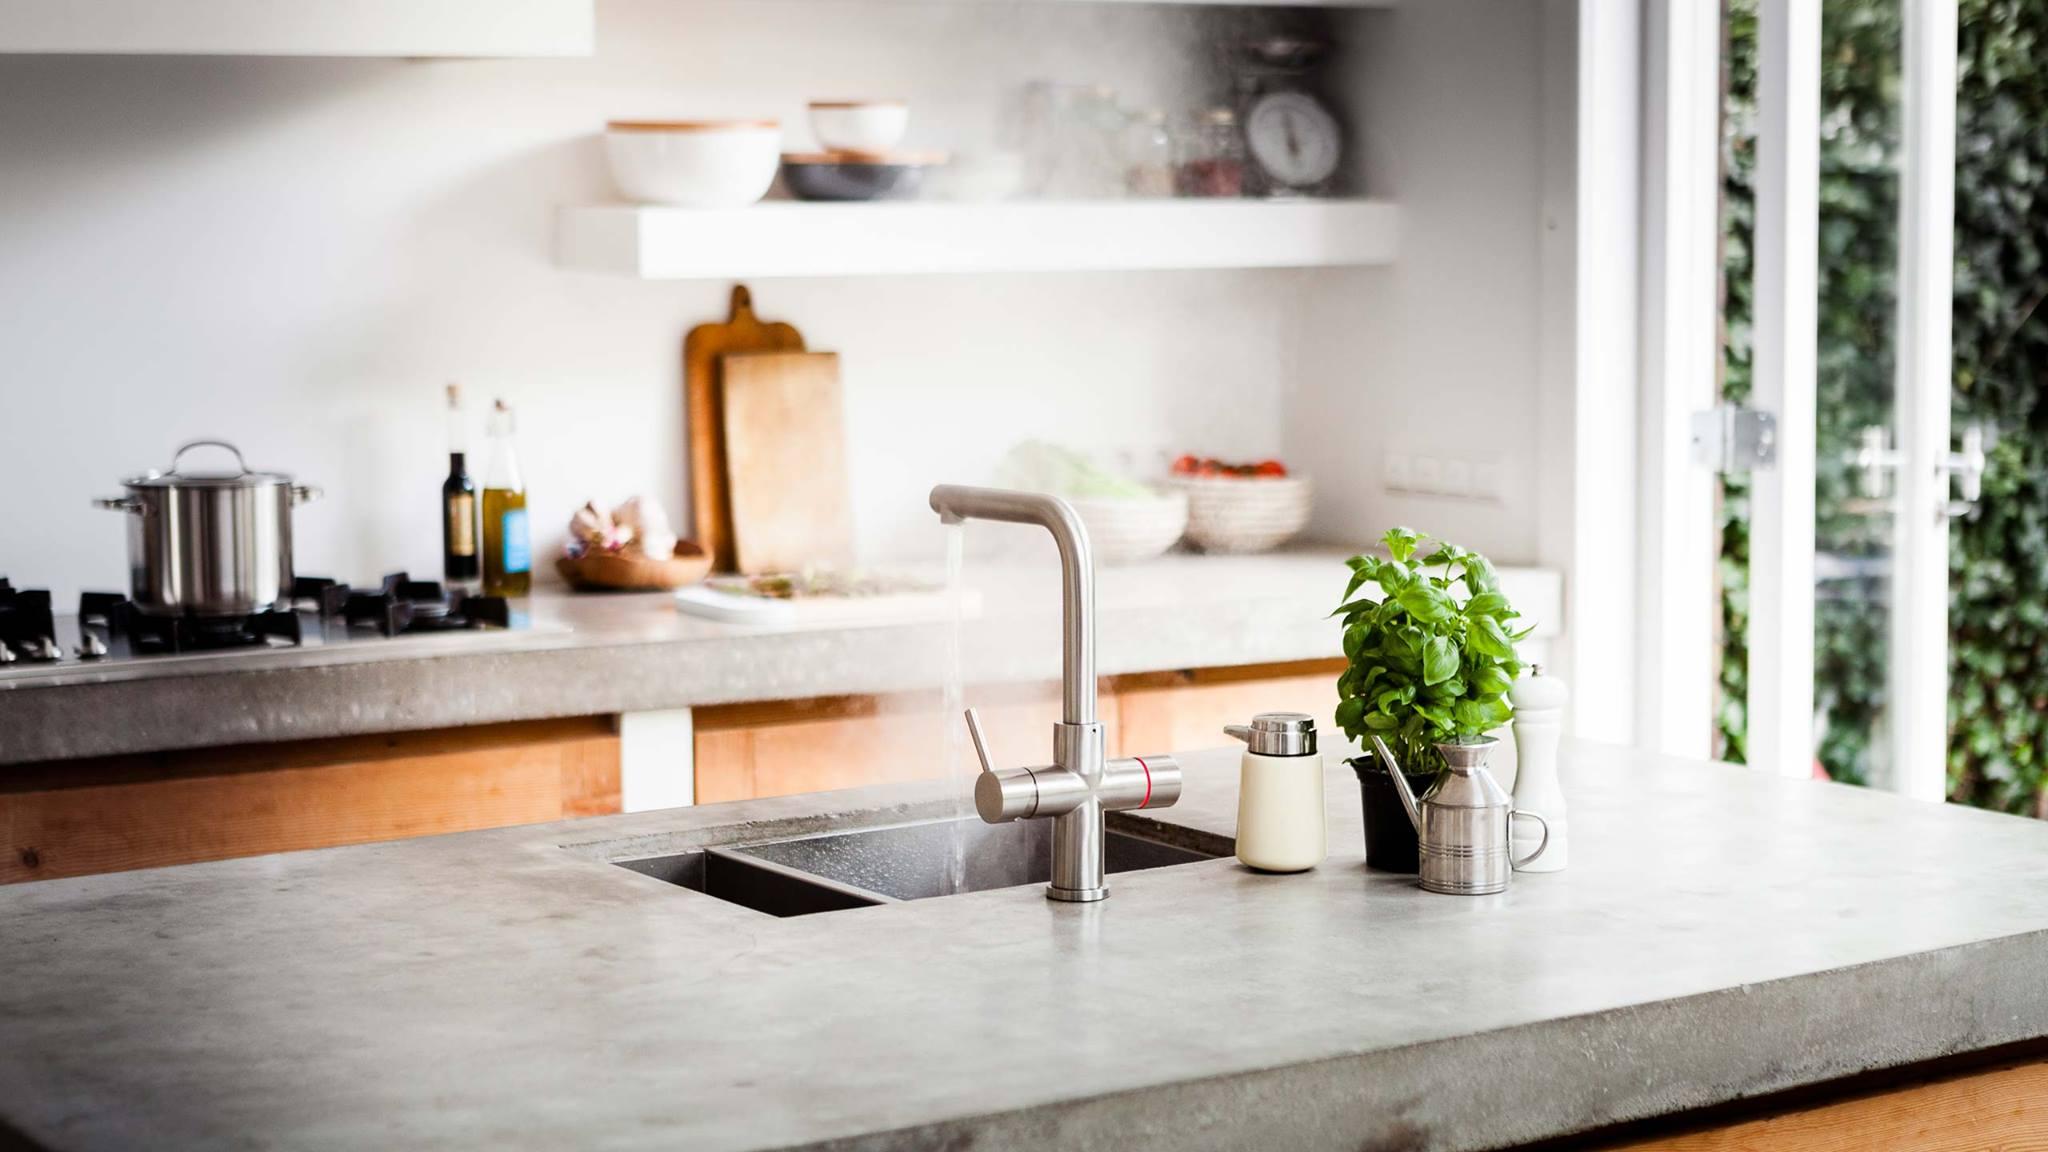 Stijlvolle keukenkranen   nieuws startpagina voor keuken ideeën ...